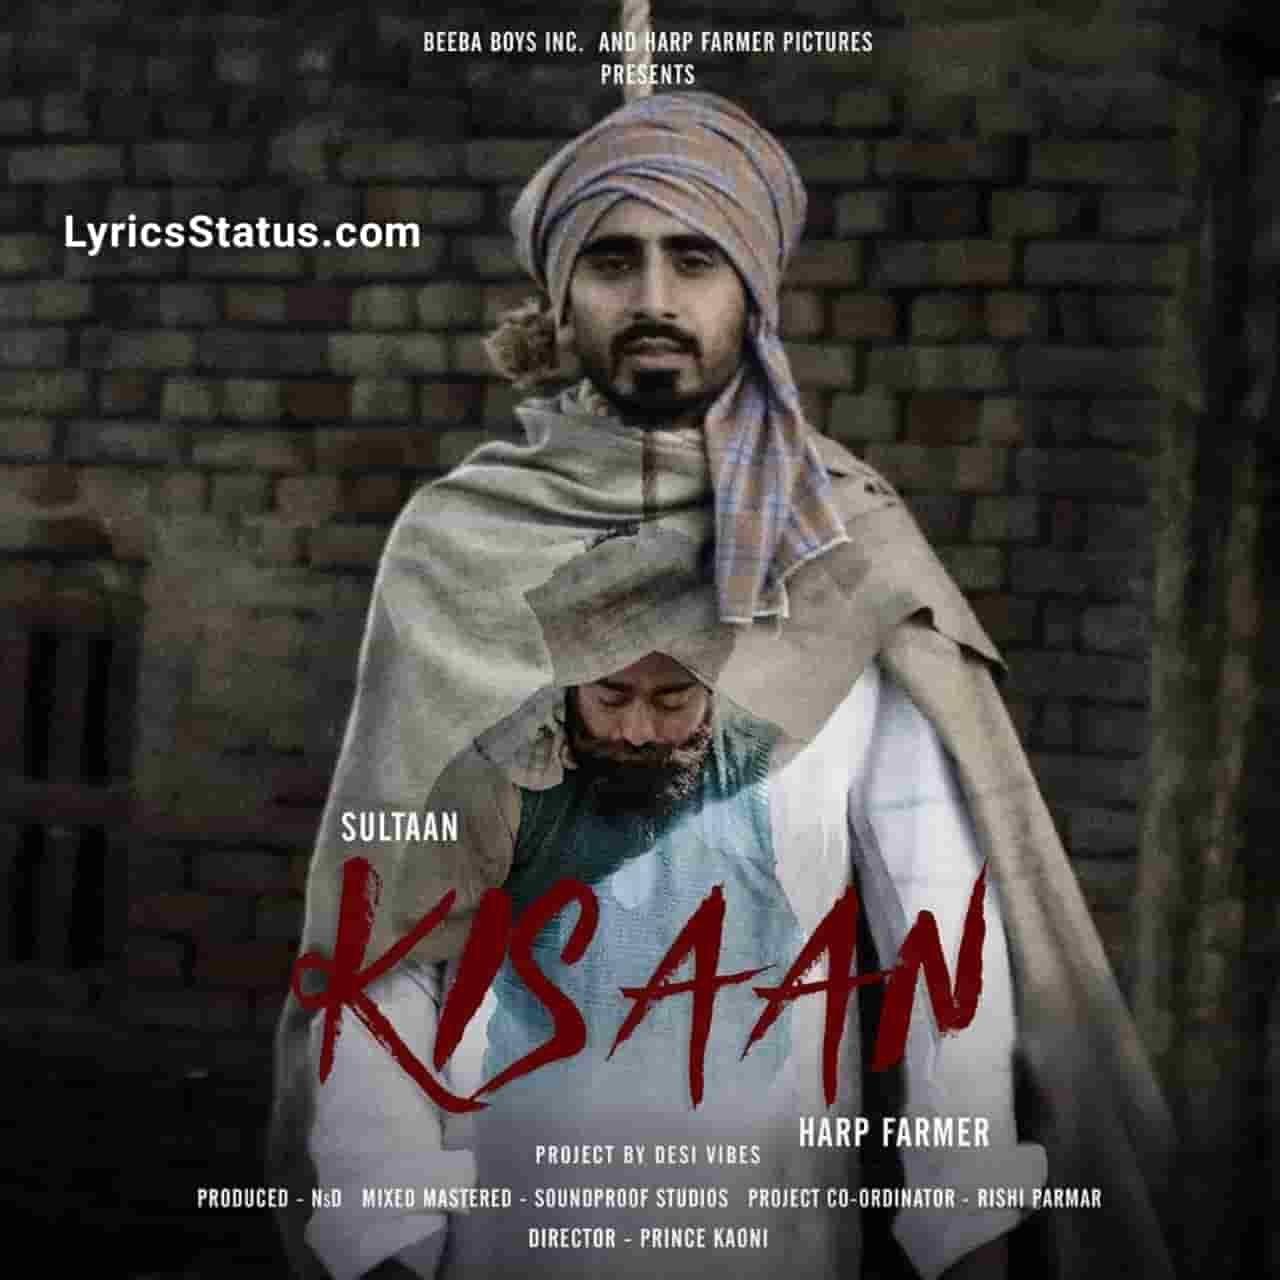 Sultaan Kisaan Lyrics Status Download New Punjabi Rap Song Kehnde Mantri Aaye Leke Gaye Samshaan Kal Karze de Piche faha Le Giya Kisaan